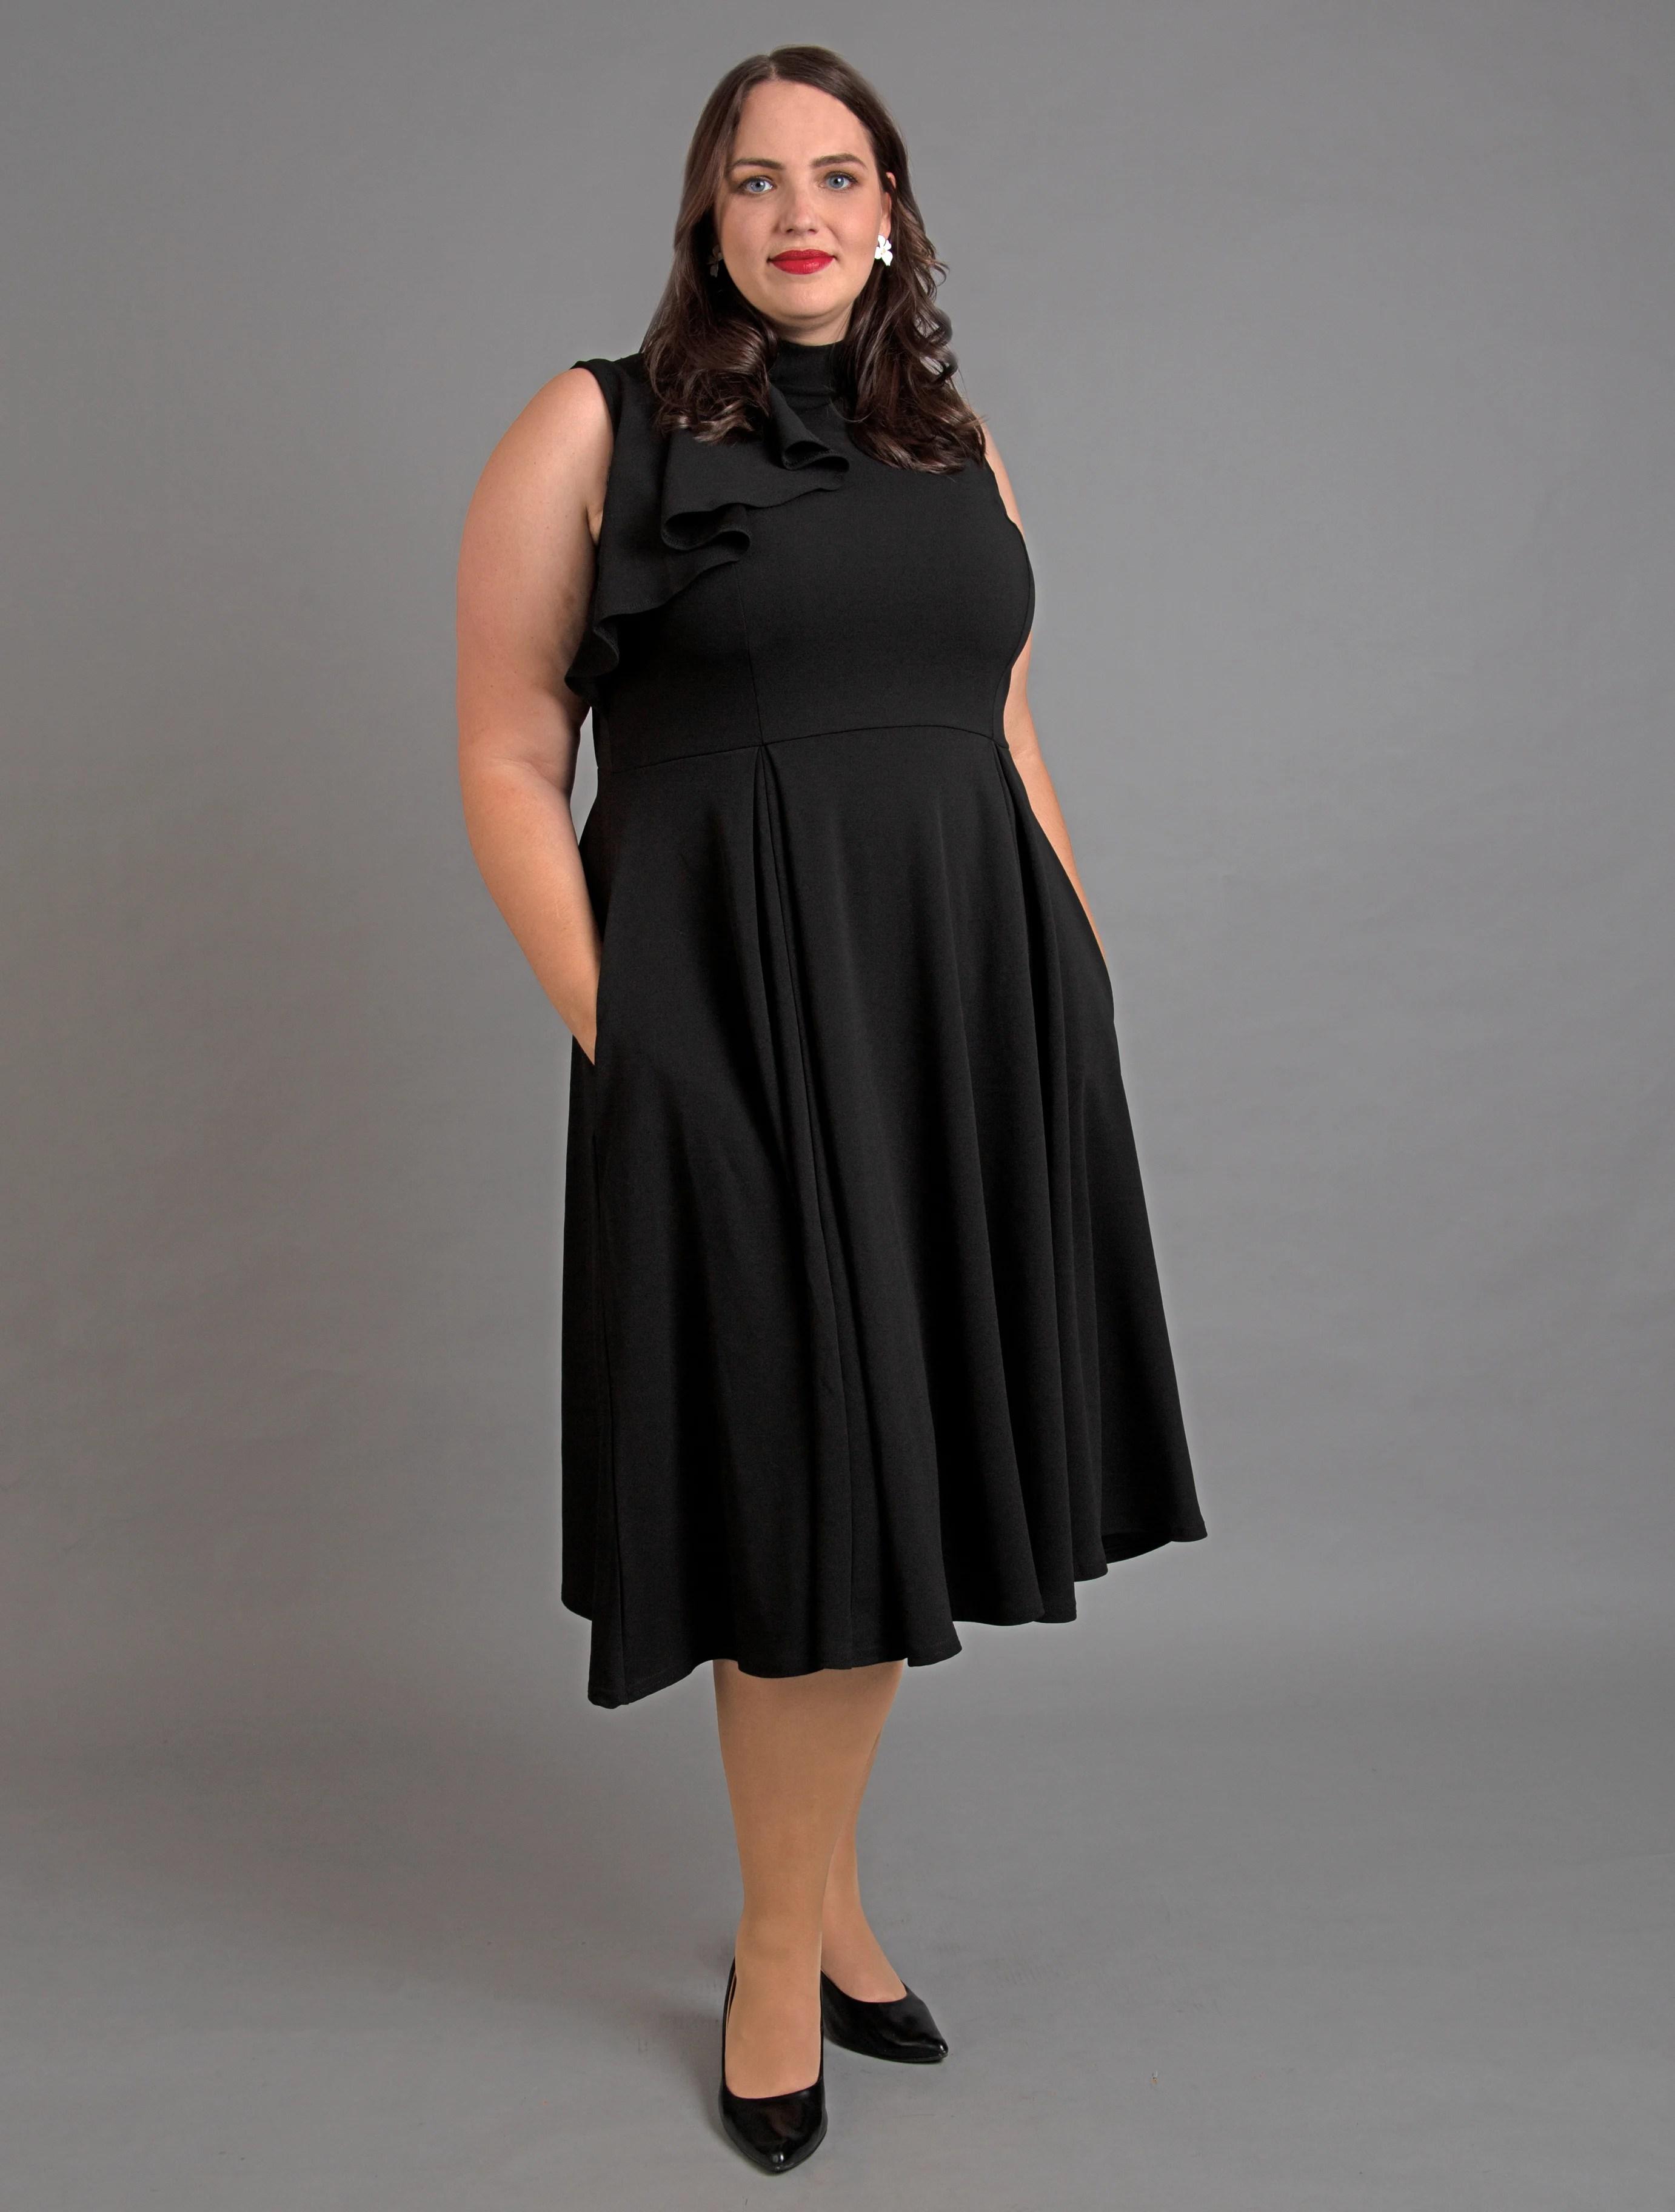 promo code ec441 8ee82 Kleid Für Trauzeugin Große Größen